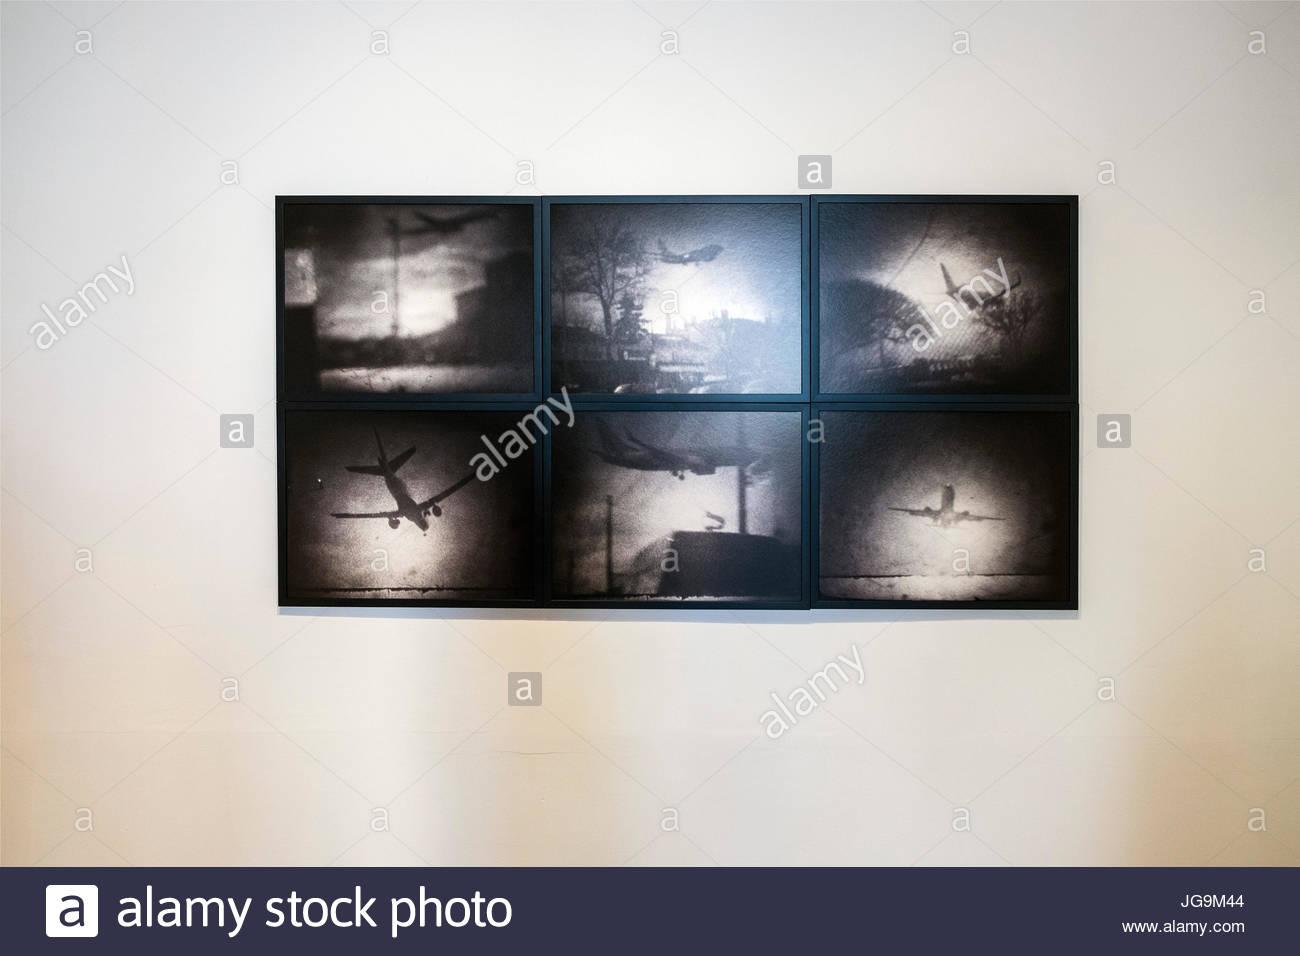 France, Provence, Arles, Les Rencontres de la photographie, Michael Ackerman - Stock Image